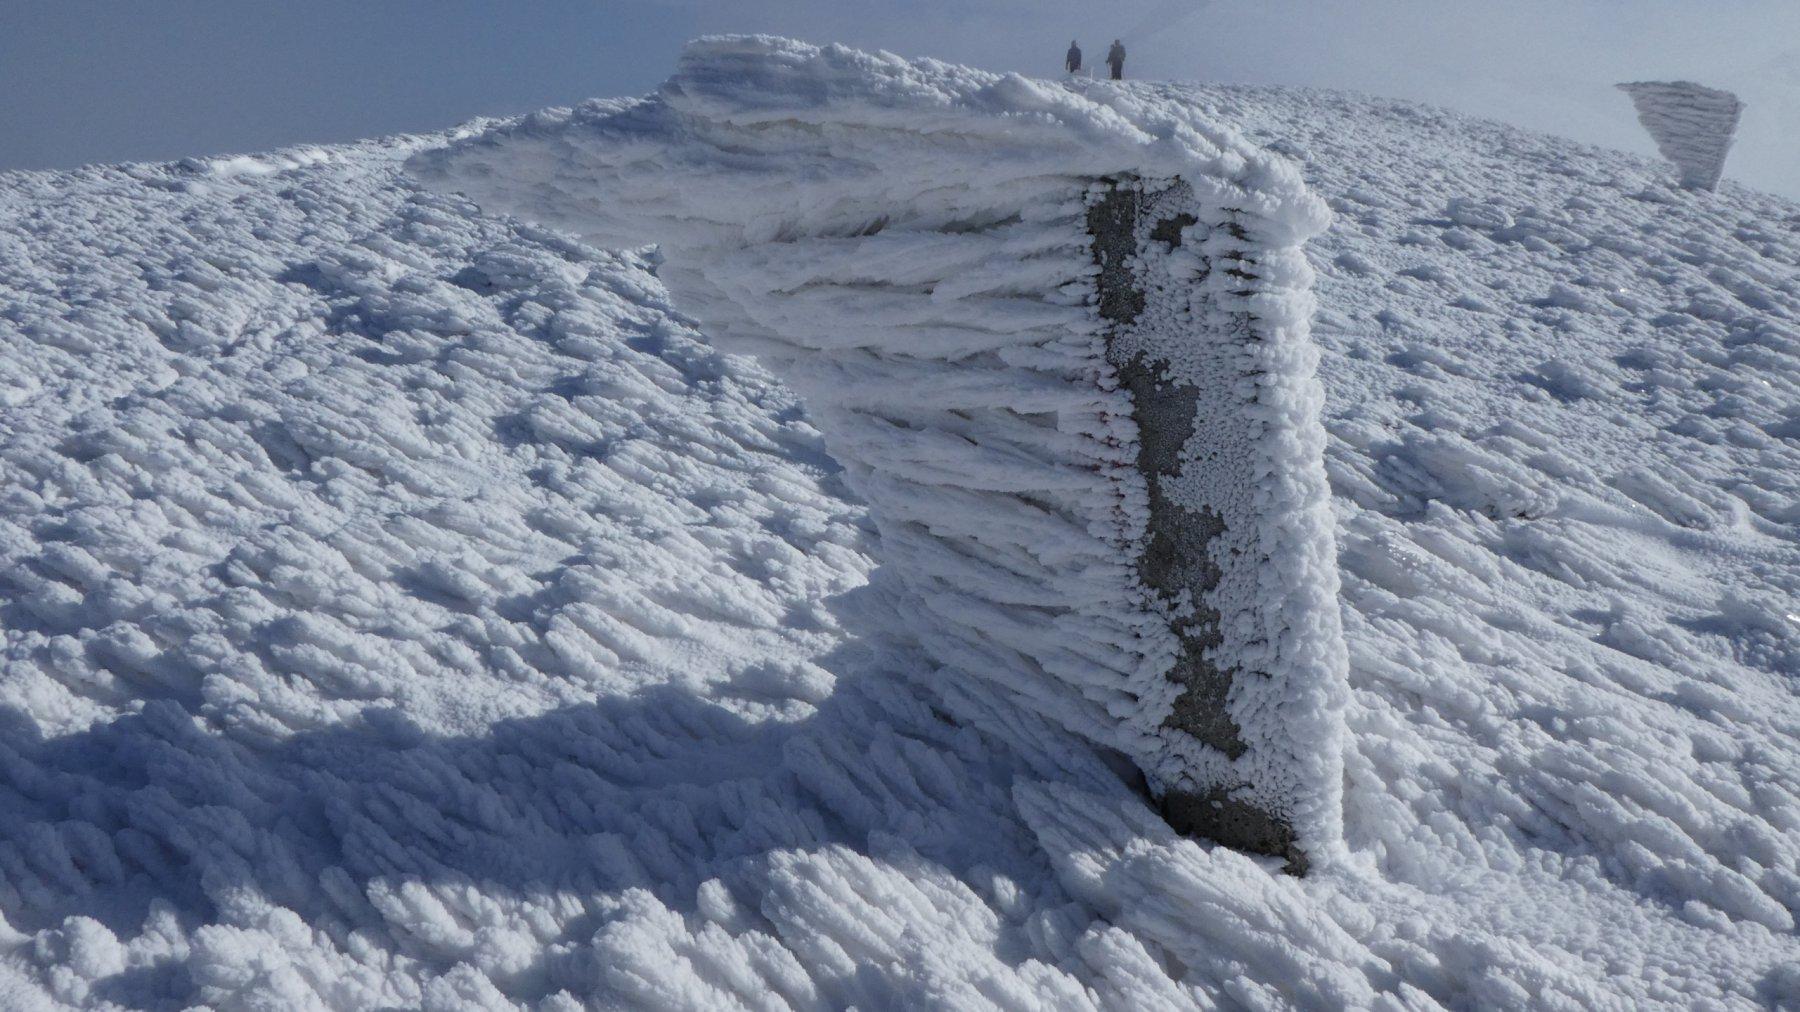 sculture di ghiaccio lungo il crinale verso il Monte Spigolino